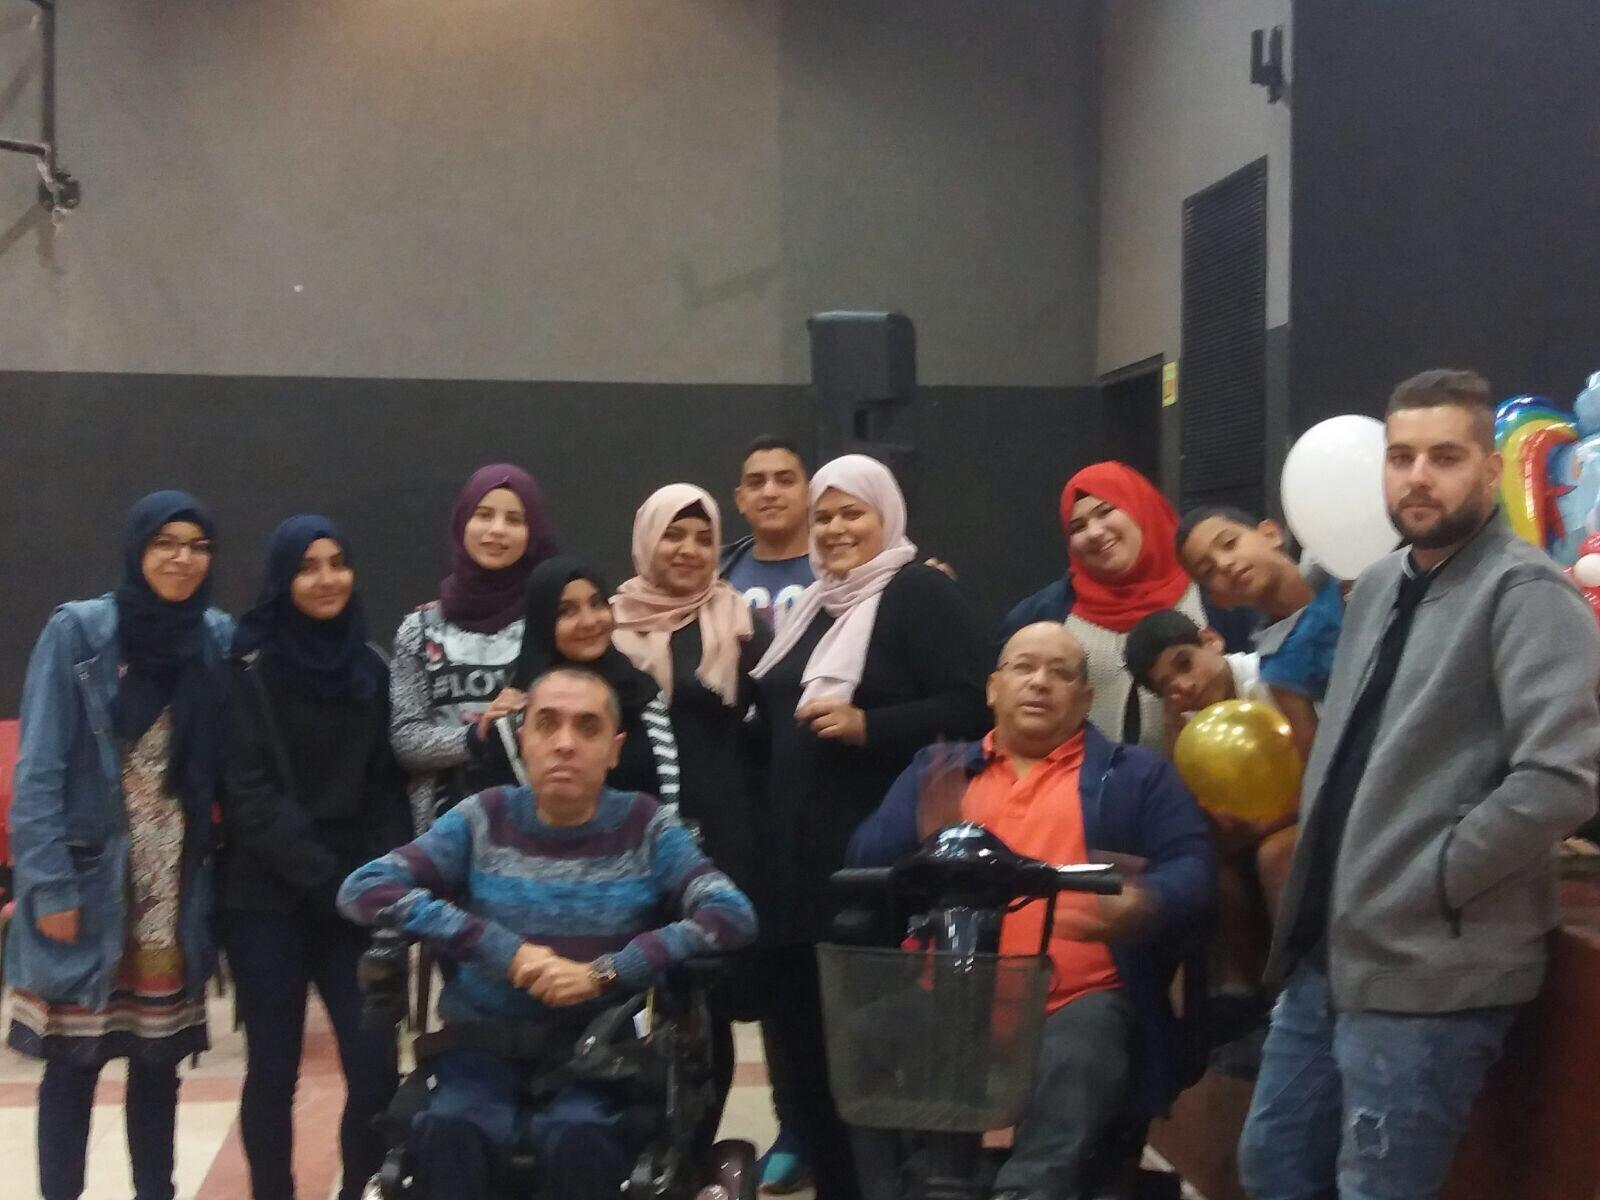 نوّاف زميرو لـبكرا: الحفل هو لرسم البسمة على شفاه ذوي الاحتياجات الخاصة-2